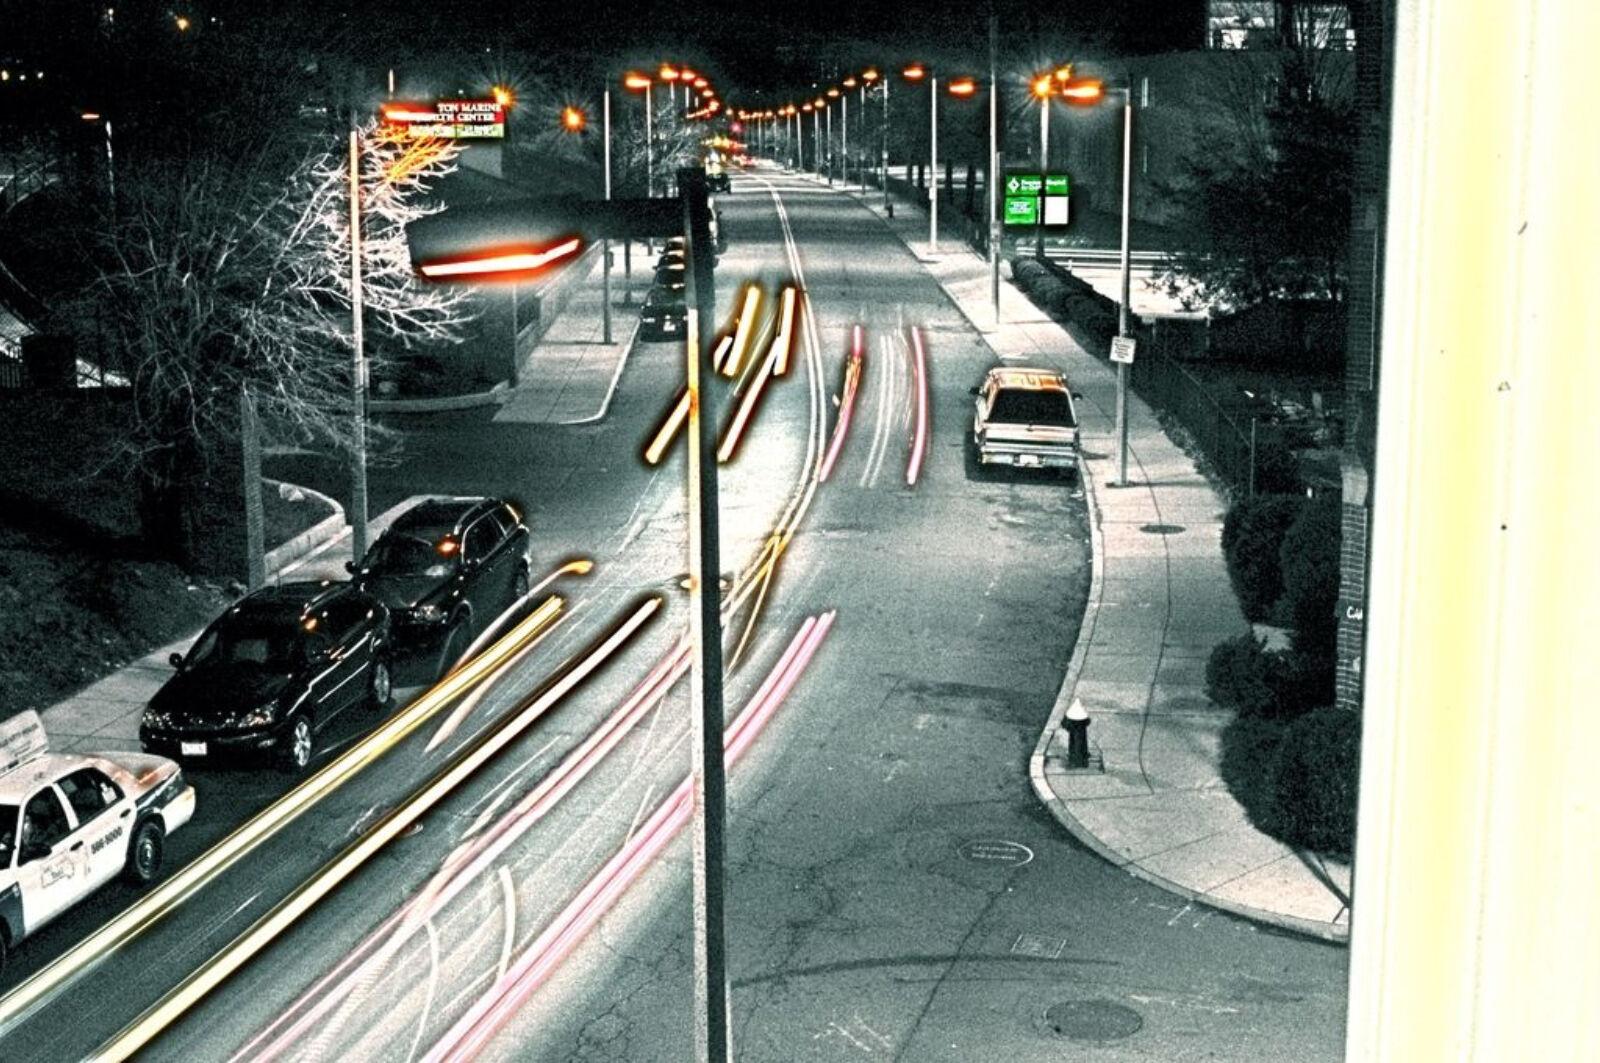 Warren street by Ross Kenney